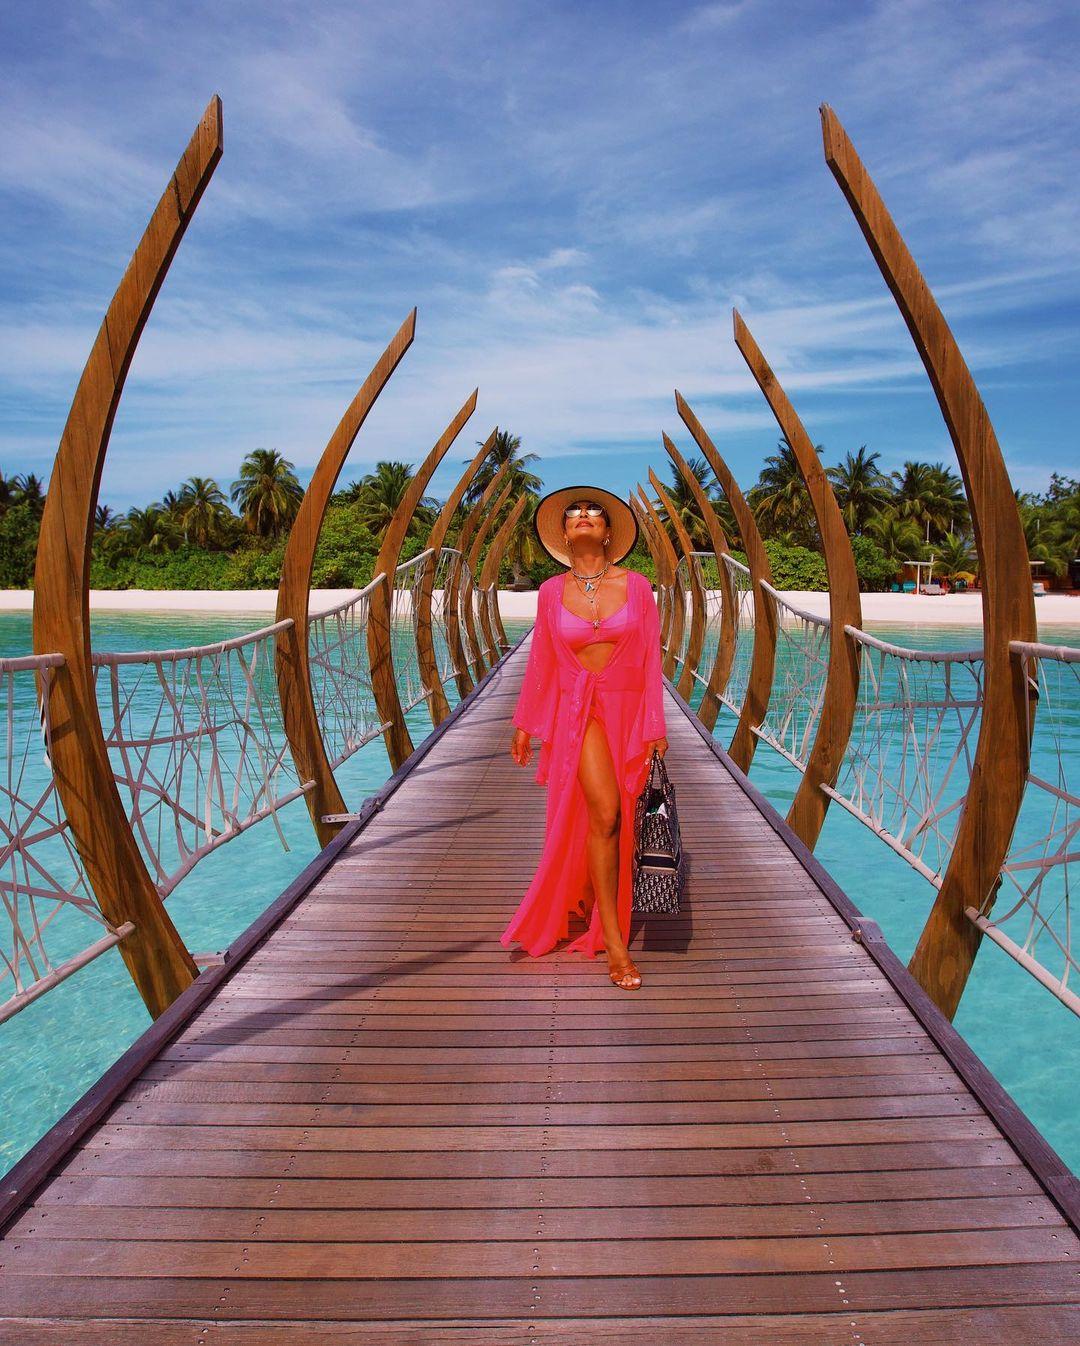 Artista andando em ponte no alto mar das Maldivas.